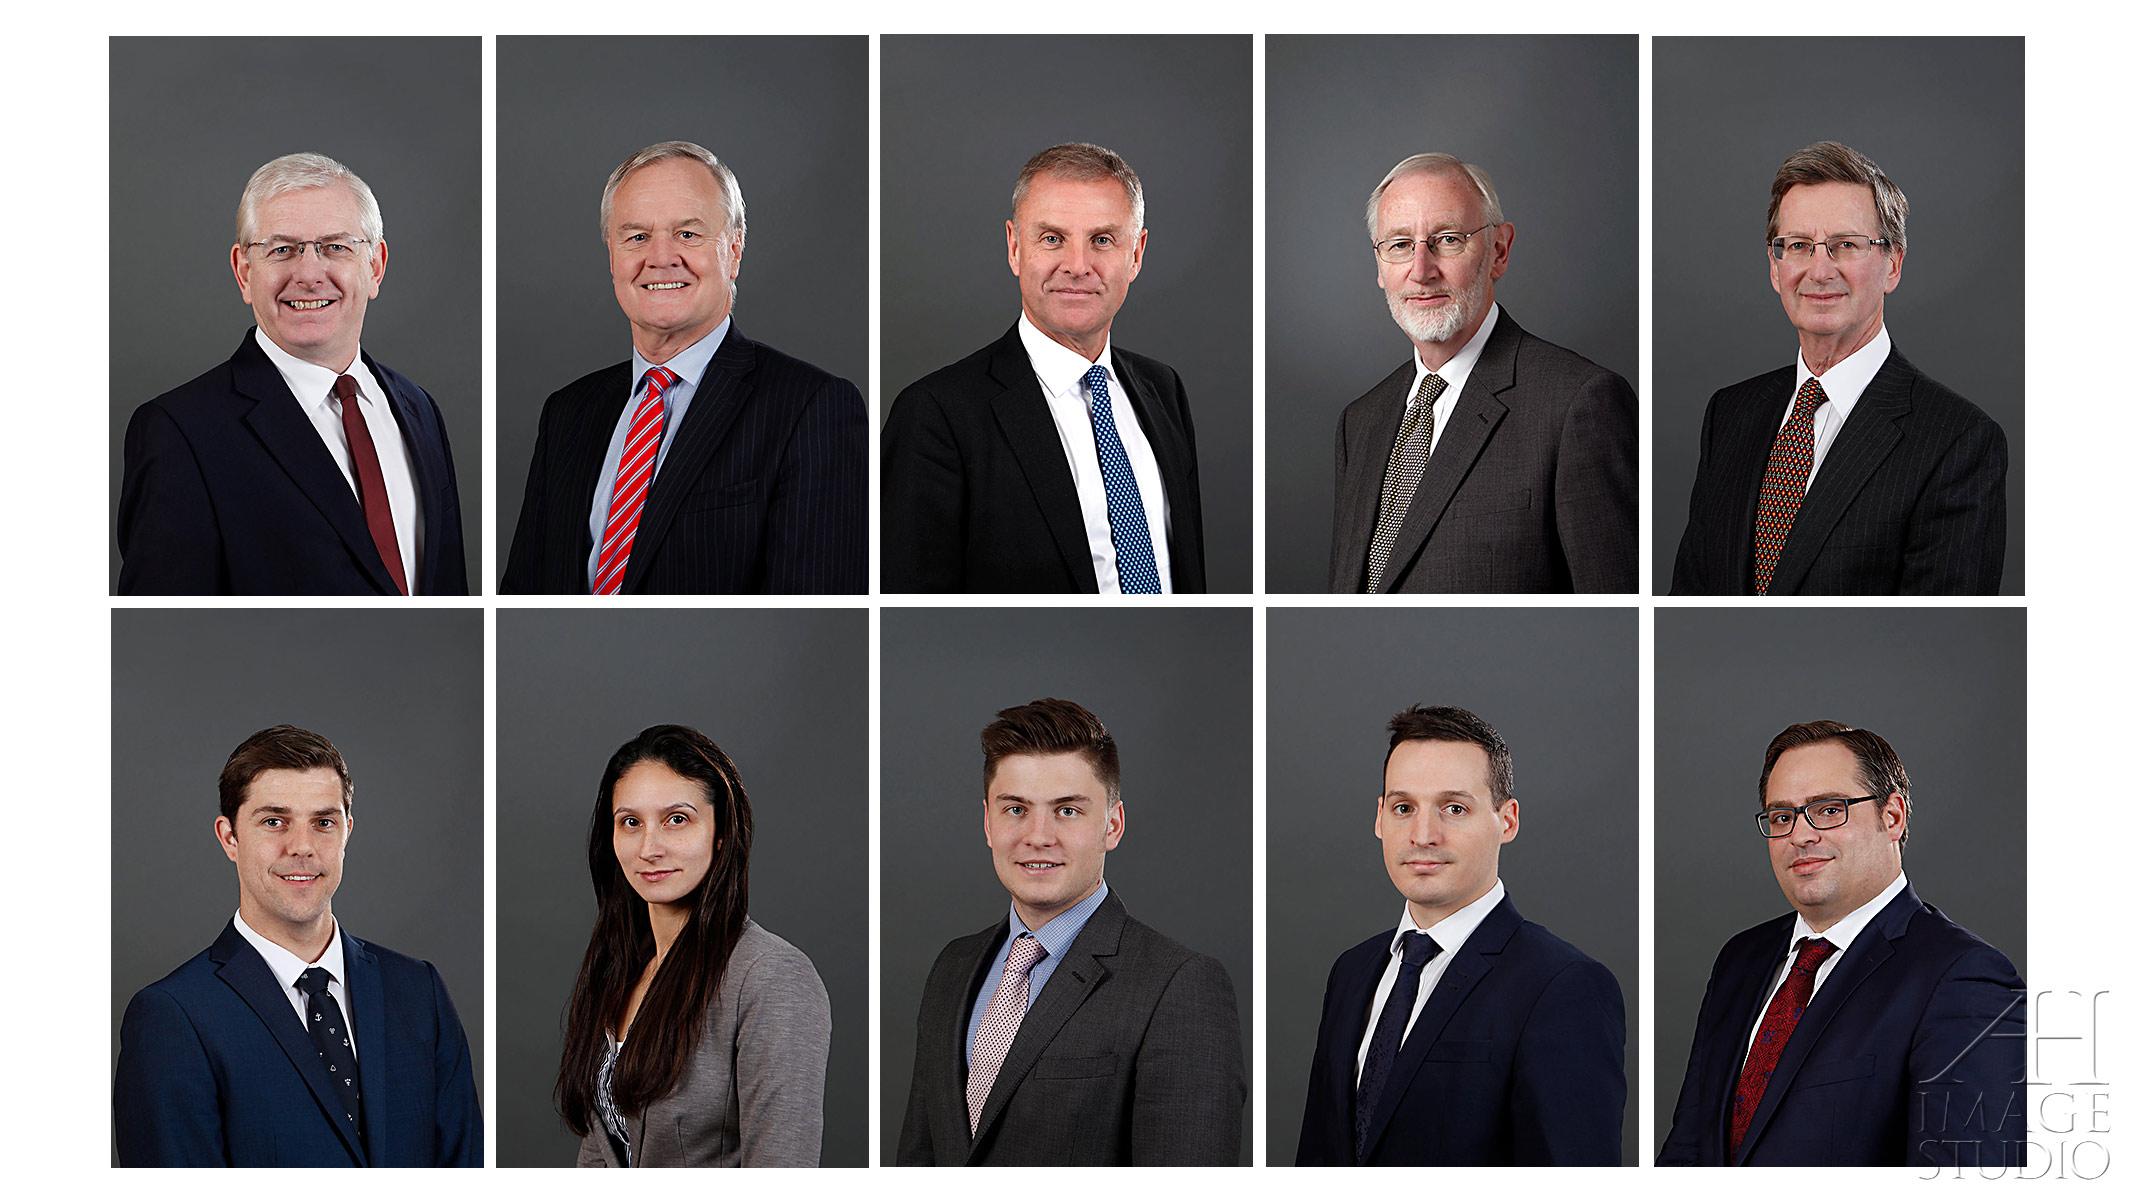 corporate headshots portraits